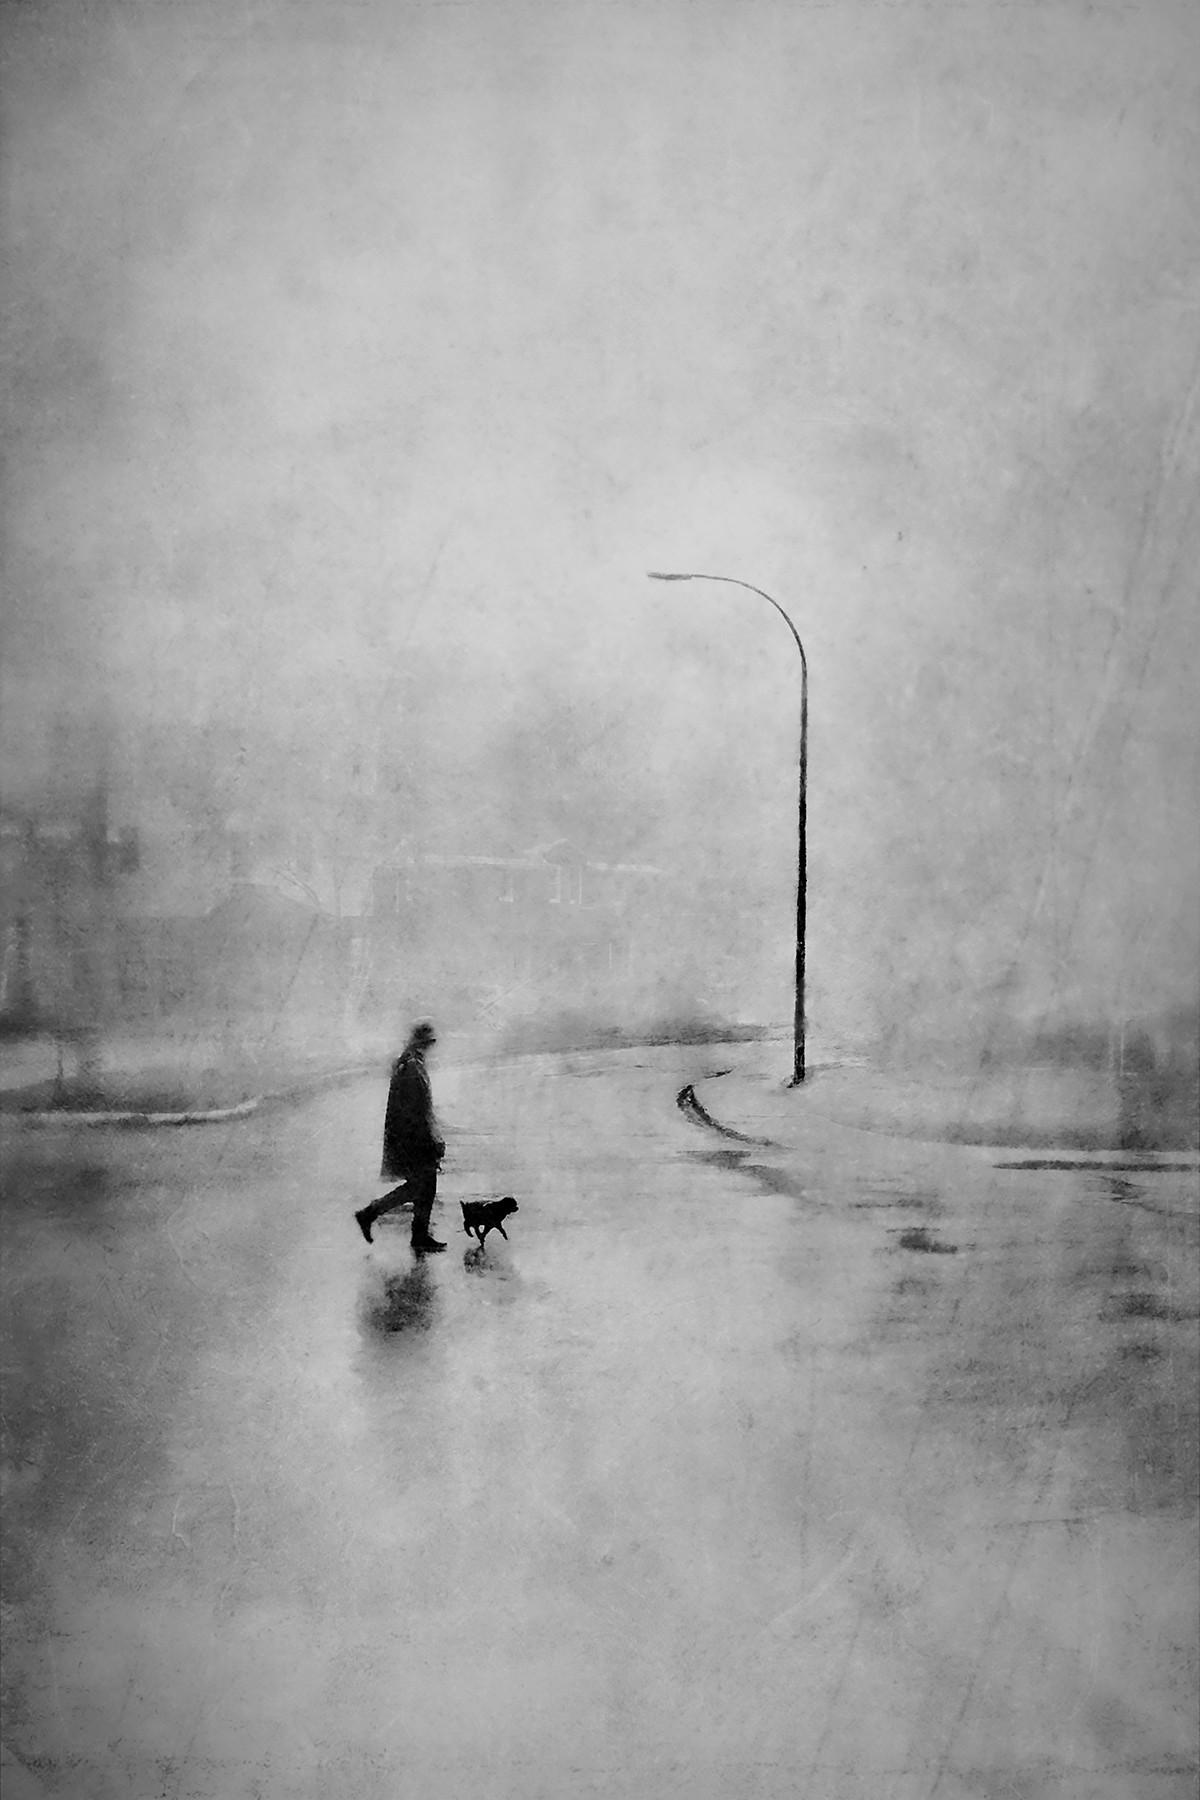 Прогулки Брута. Автор Даниэль Кастонгуэй